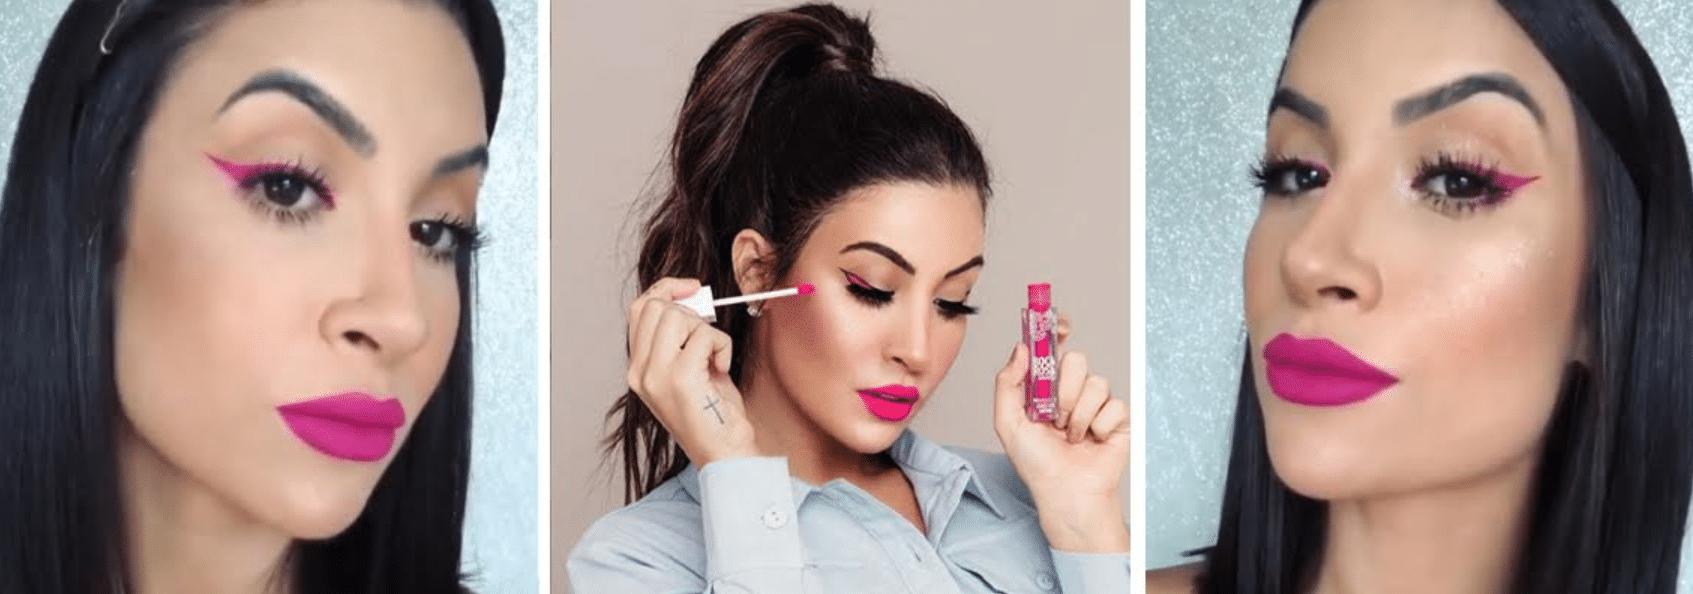 diferentes fotos da influencer boca rosa usando um delinieado rosa combinando com seu batom da mesma cor